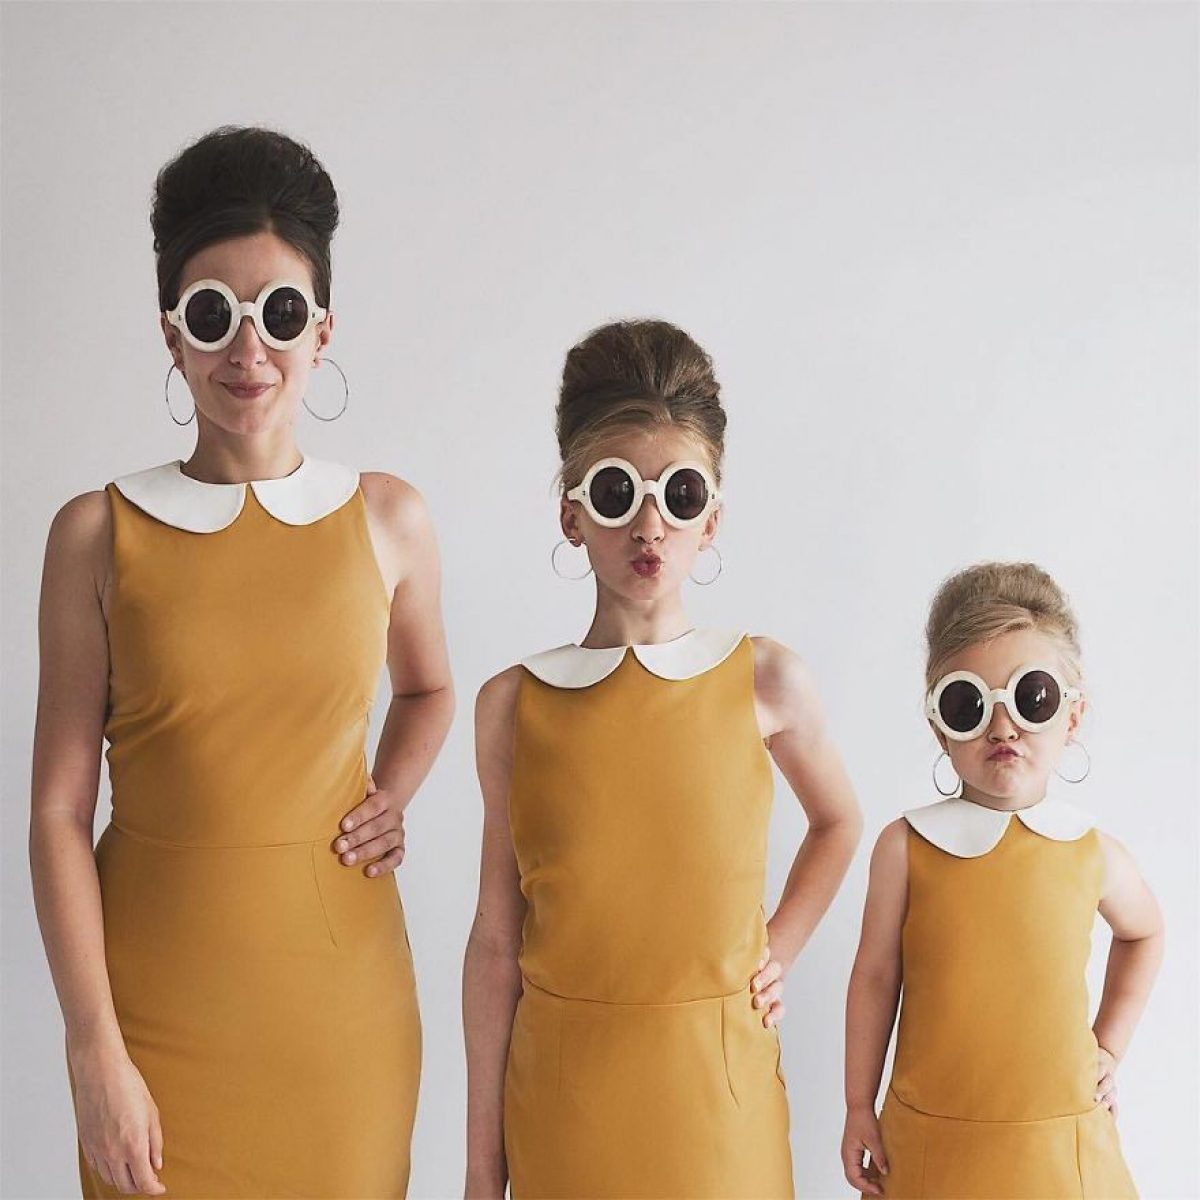 Μια μαμά και οι δυο κόρες της φωτογραφίζονται με ίδια ρούχα και είναι απλά απίθανες!